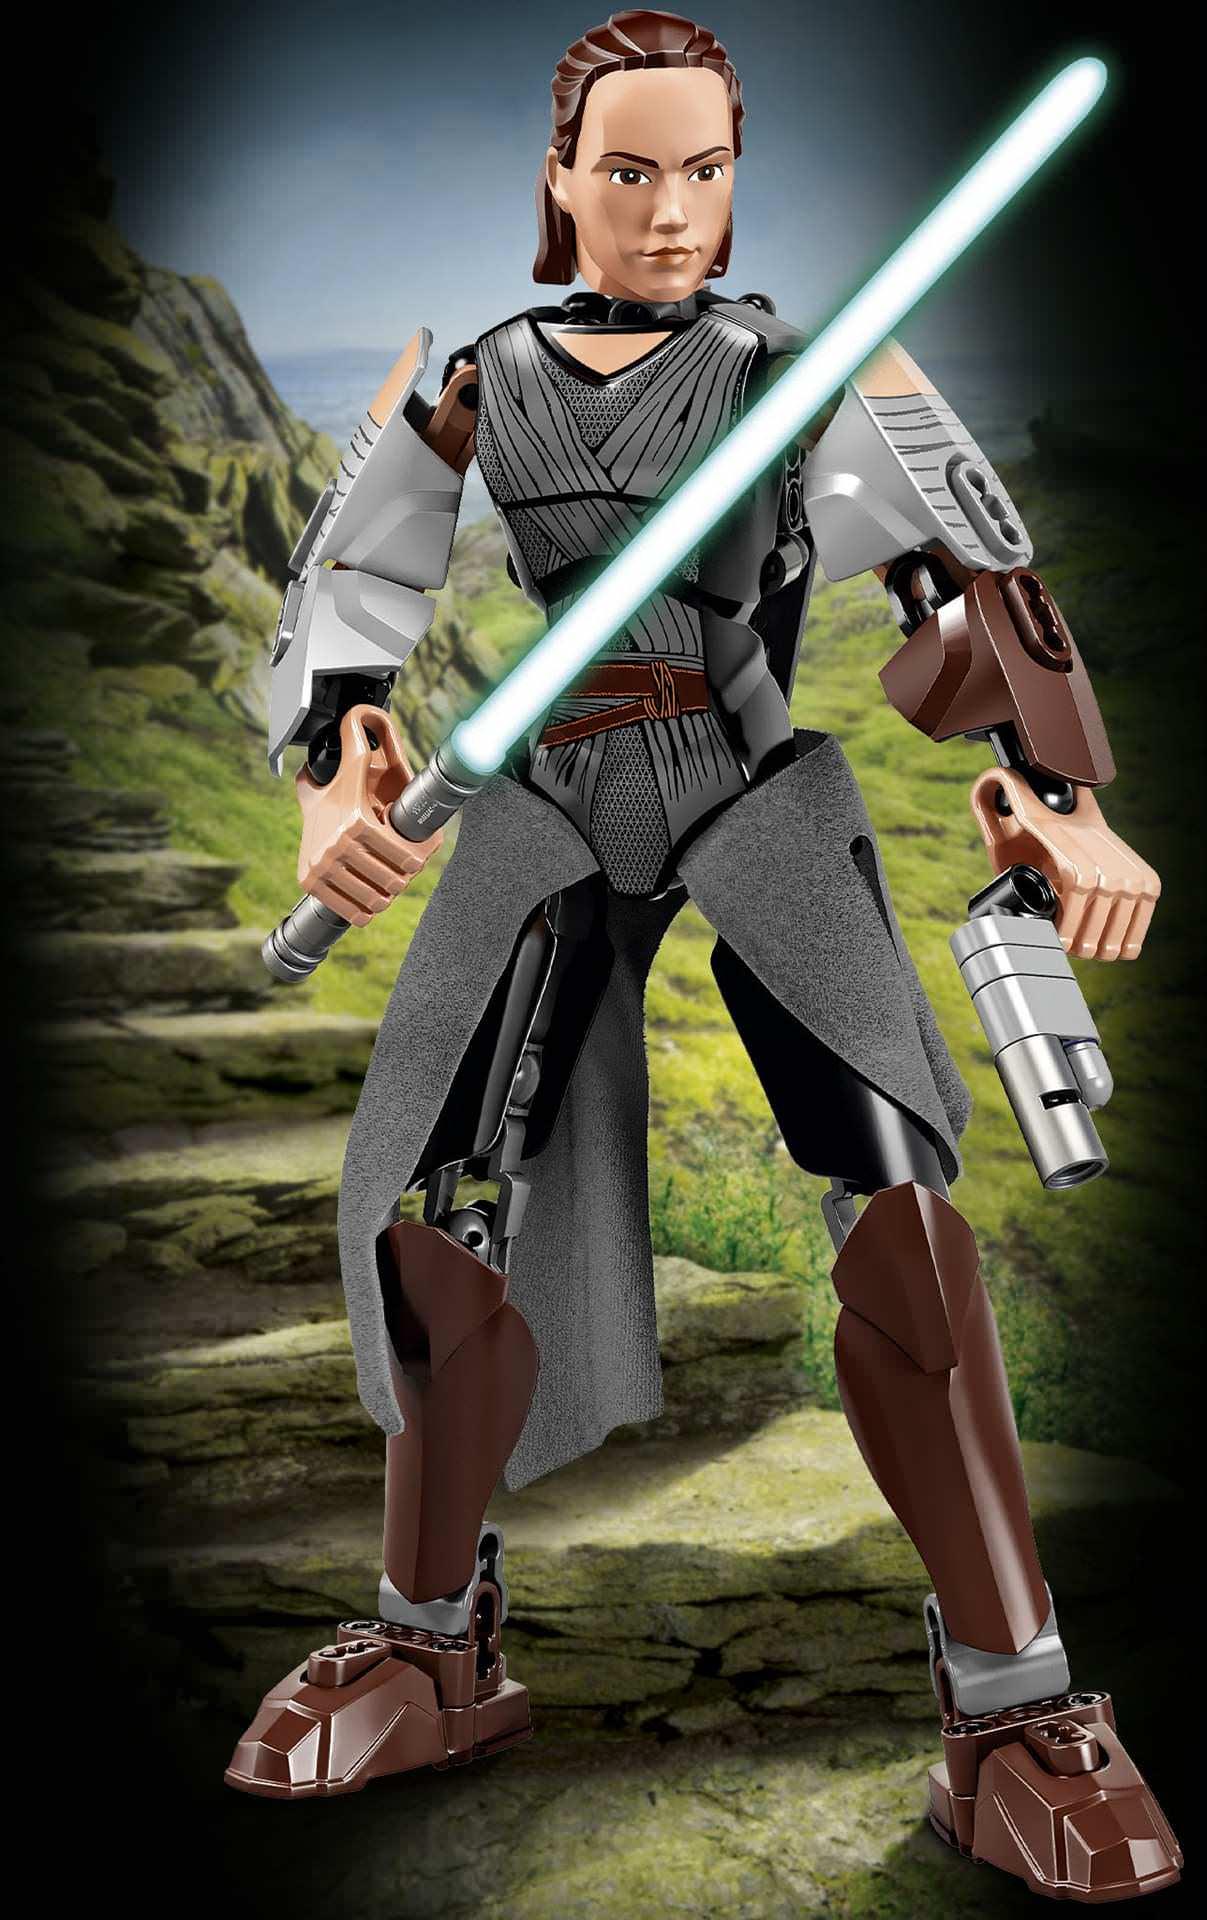 [Produits] Figurines Star Wars de l'automne 2017 : découvrez les images ! Mu6oub10